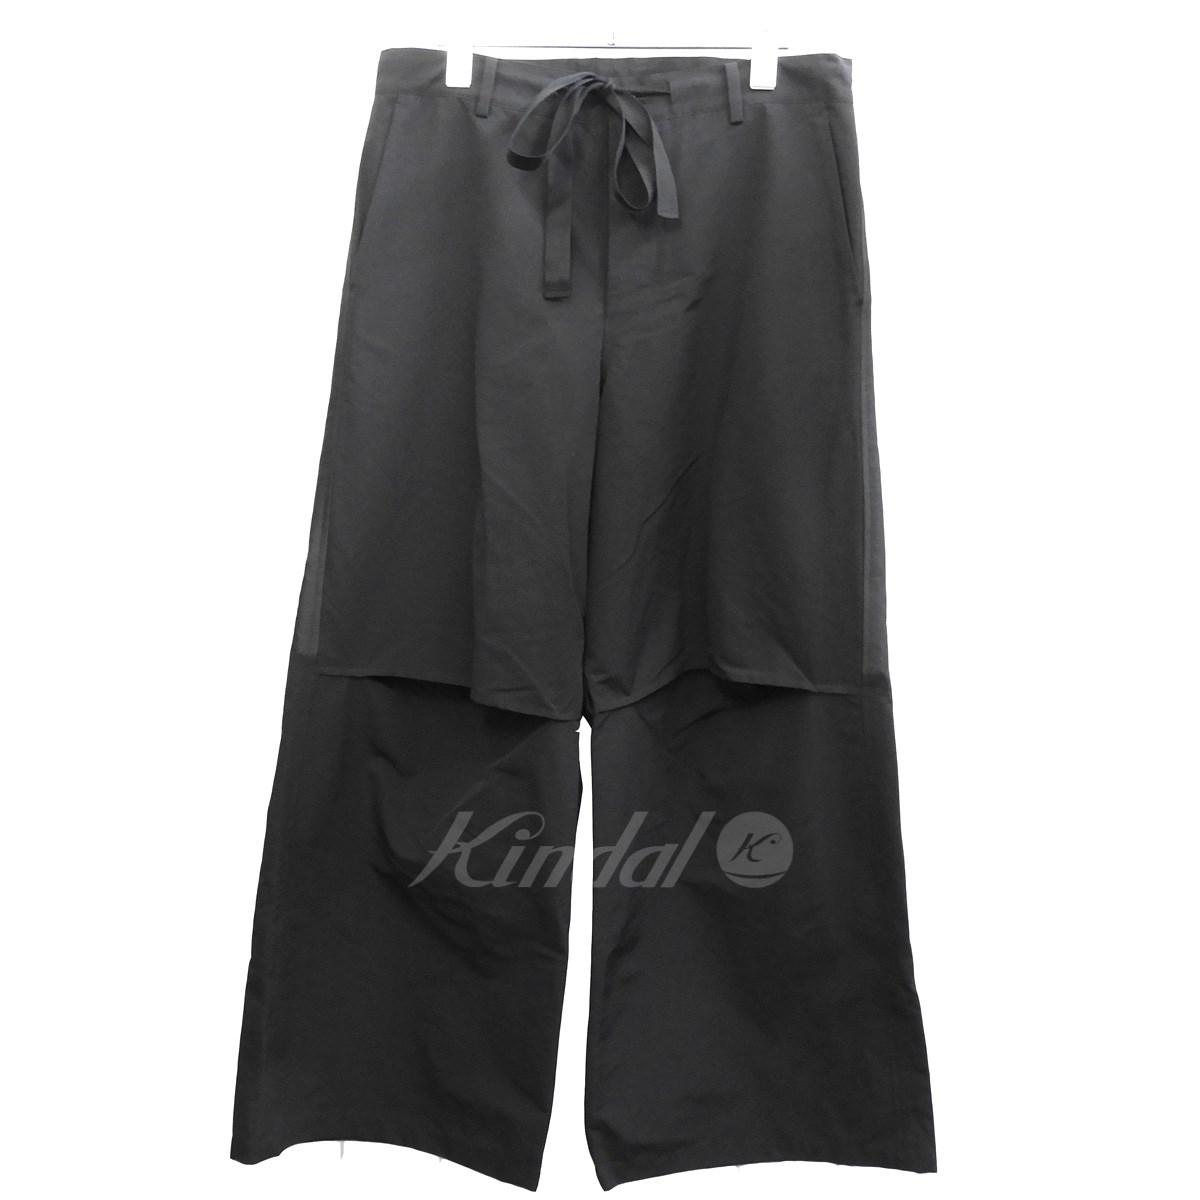 【中古】DRESSEDUNDRESSED 膝デザインワイドパンツ ブラック サイズ:3 【送料無料】 【281018】(ドレスドアンドレスド)